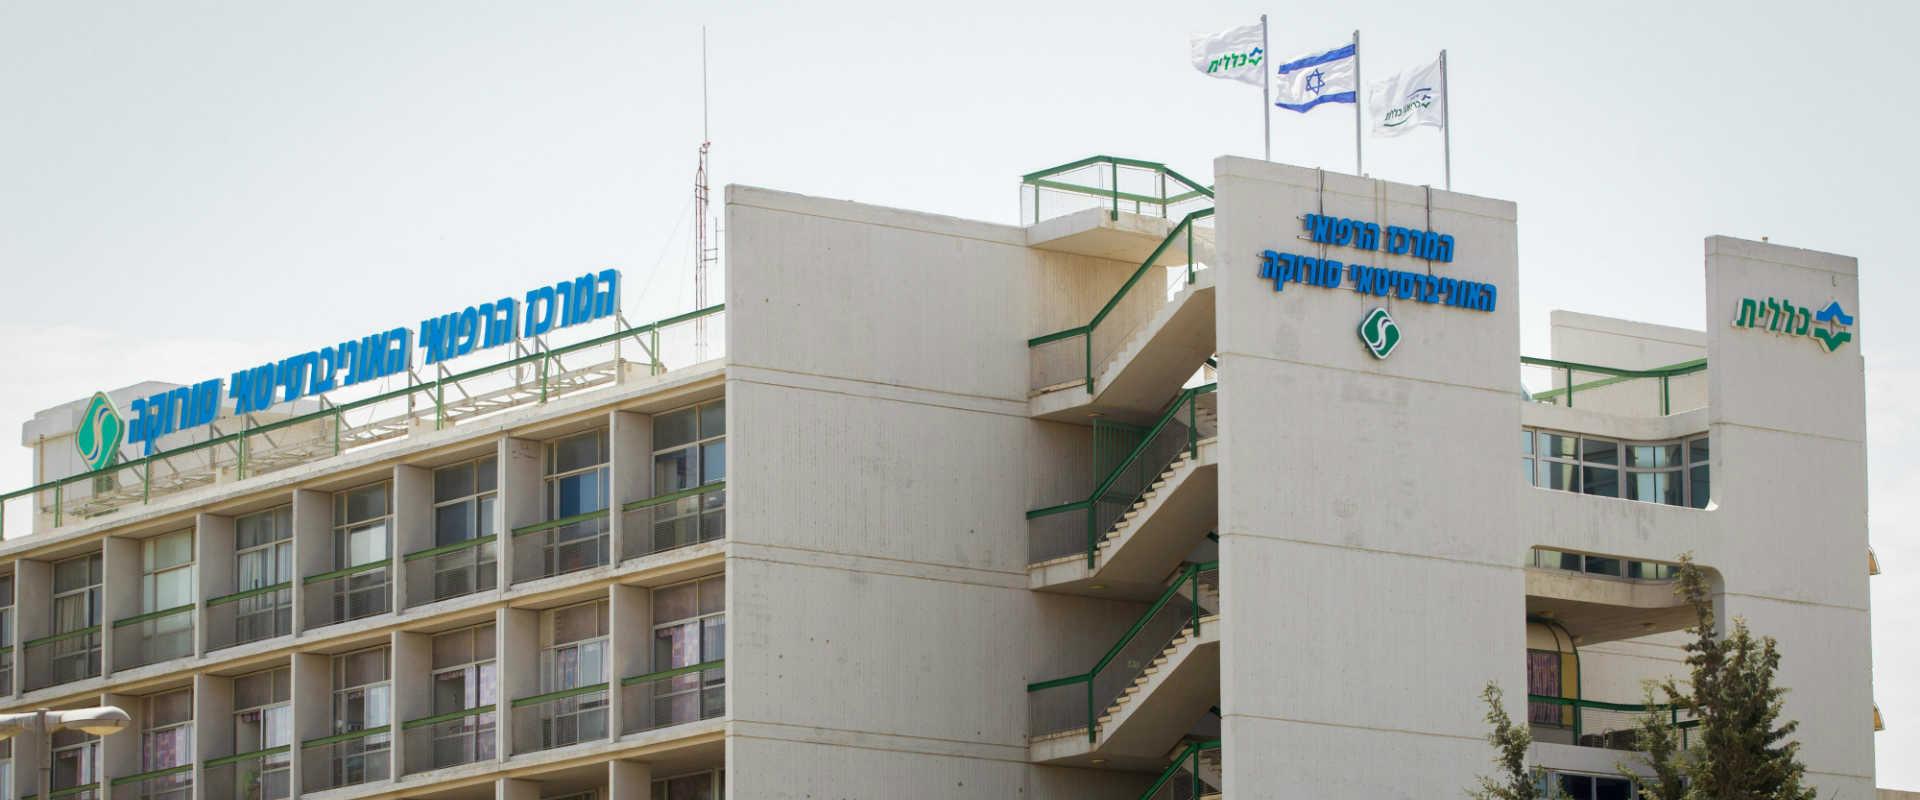 בית החולים סורוקה בבאר שבע